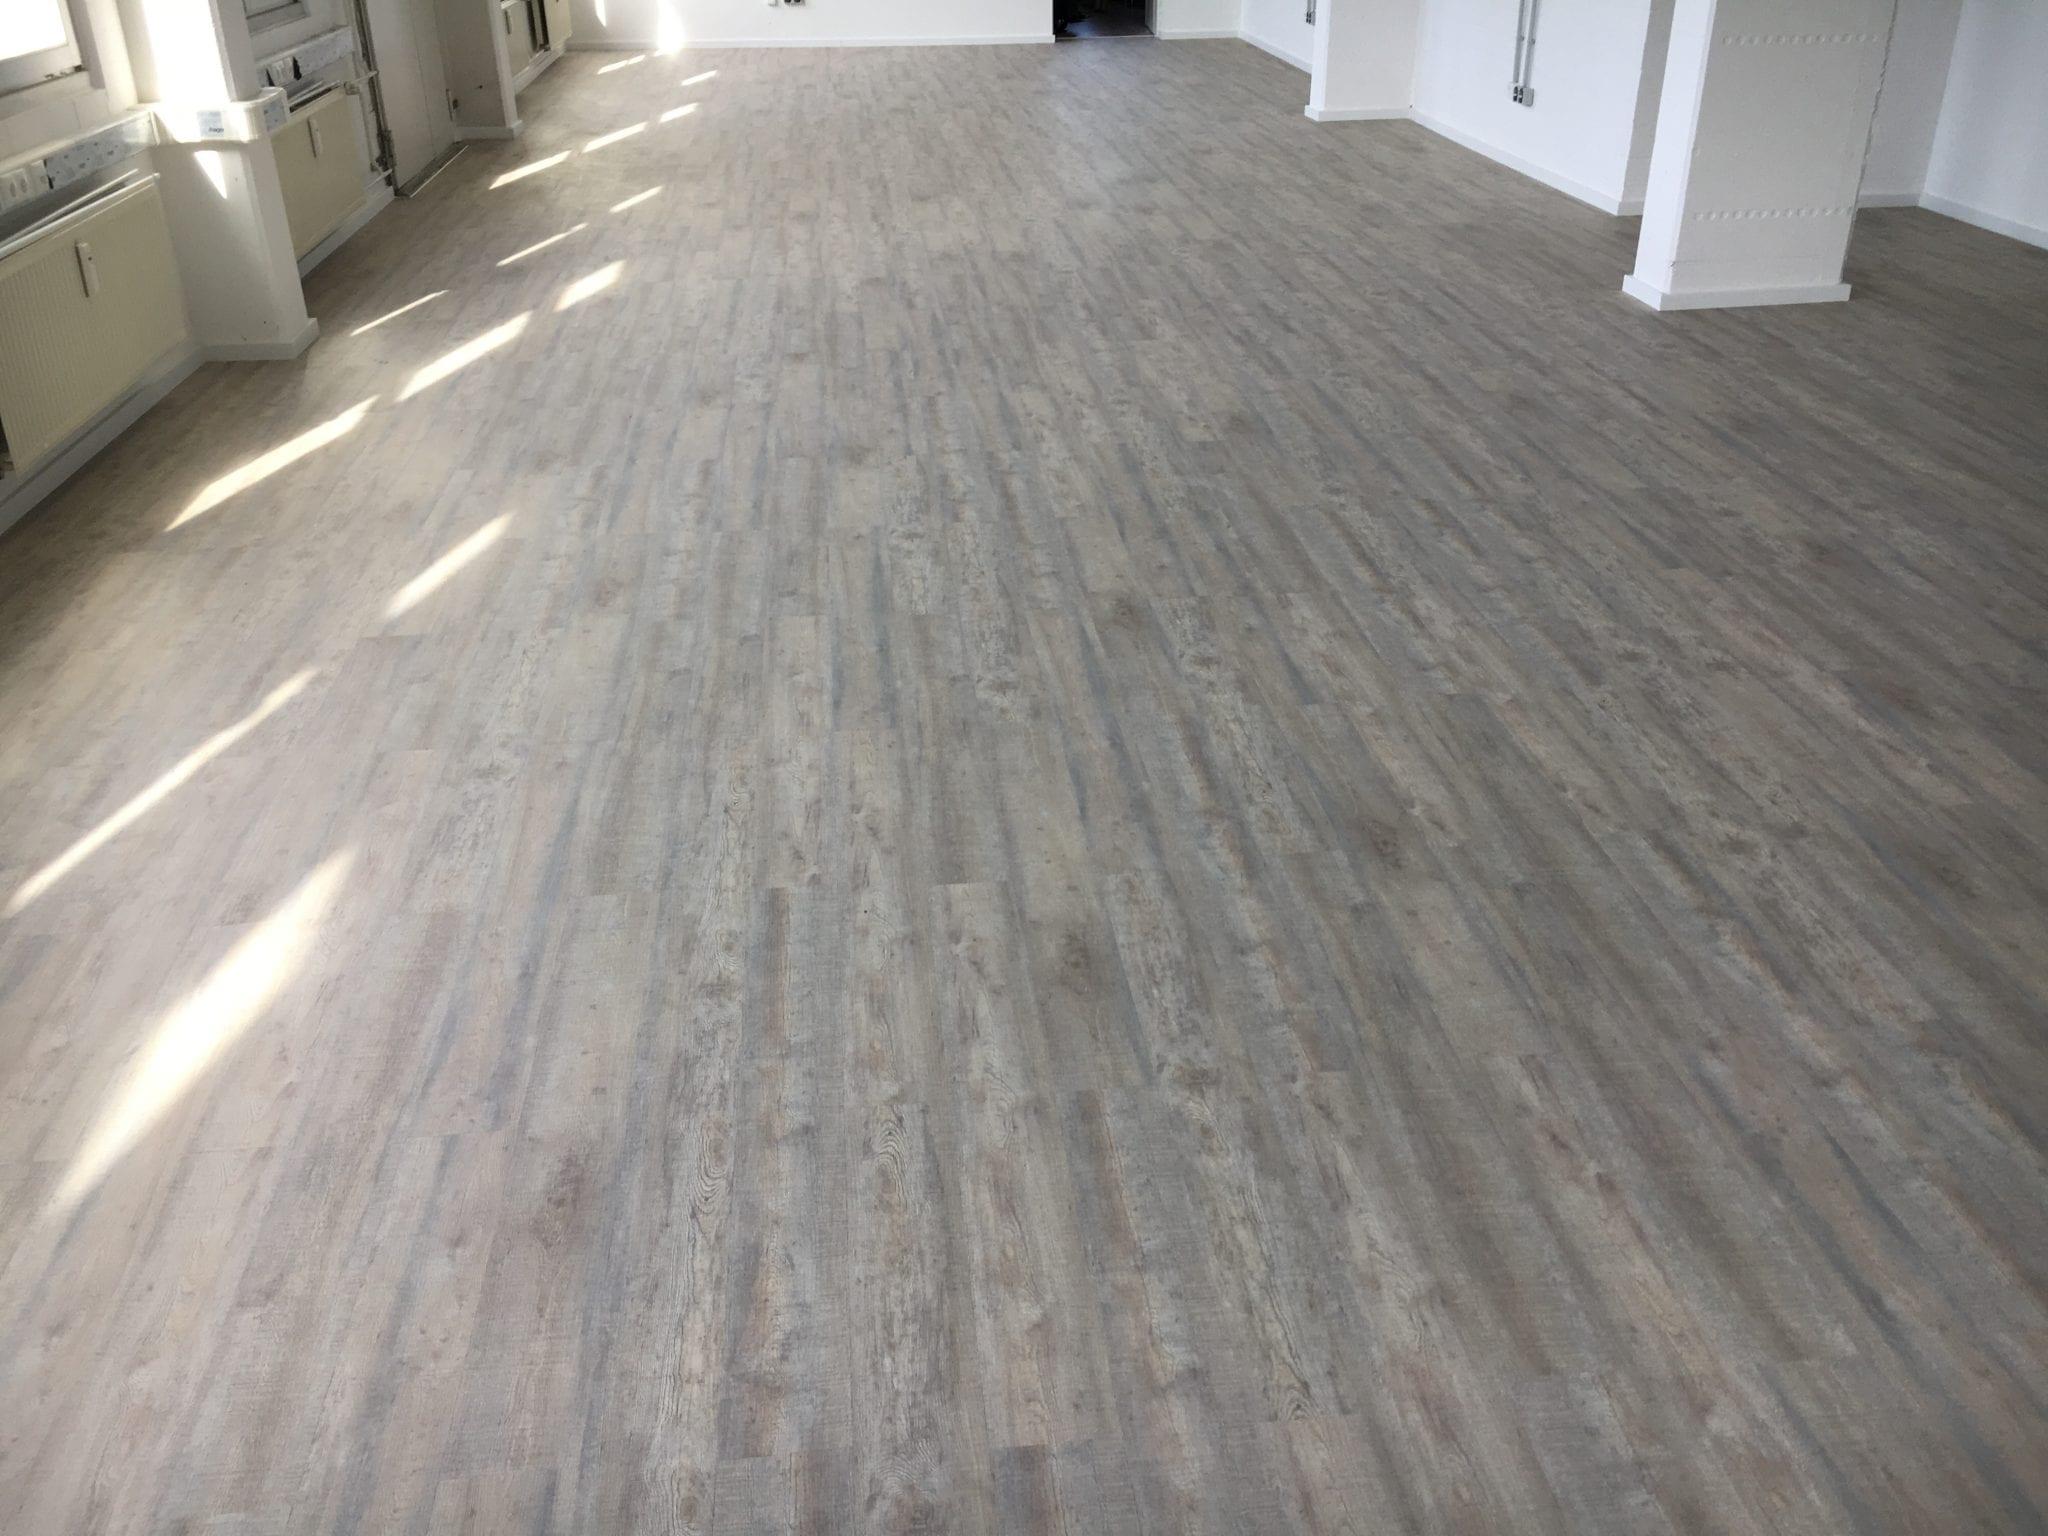 ihr experte für designbeläge & vinylboden verlegung- preise & kosten